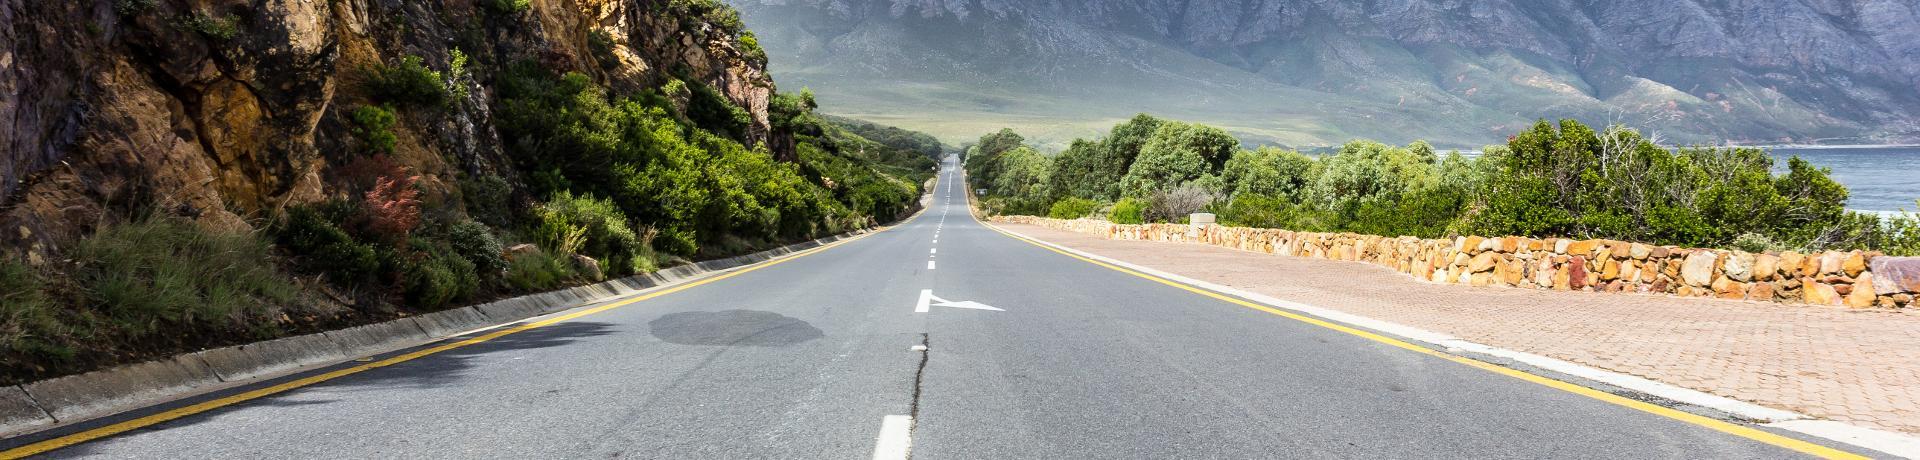 Südafrika: Einsame Straße - Emotion